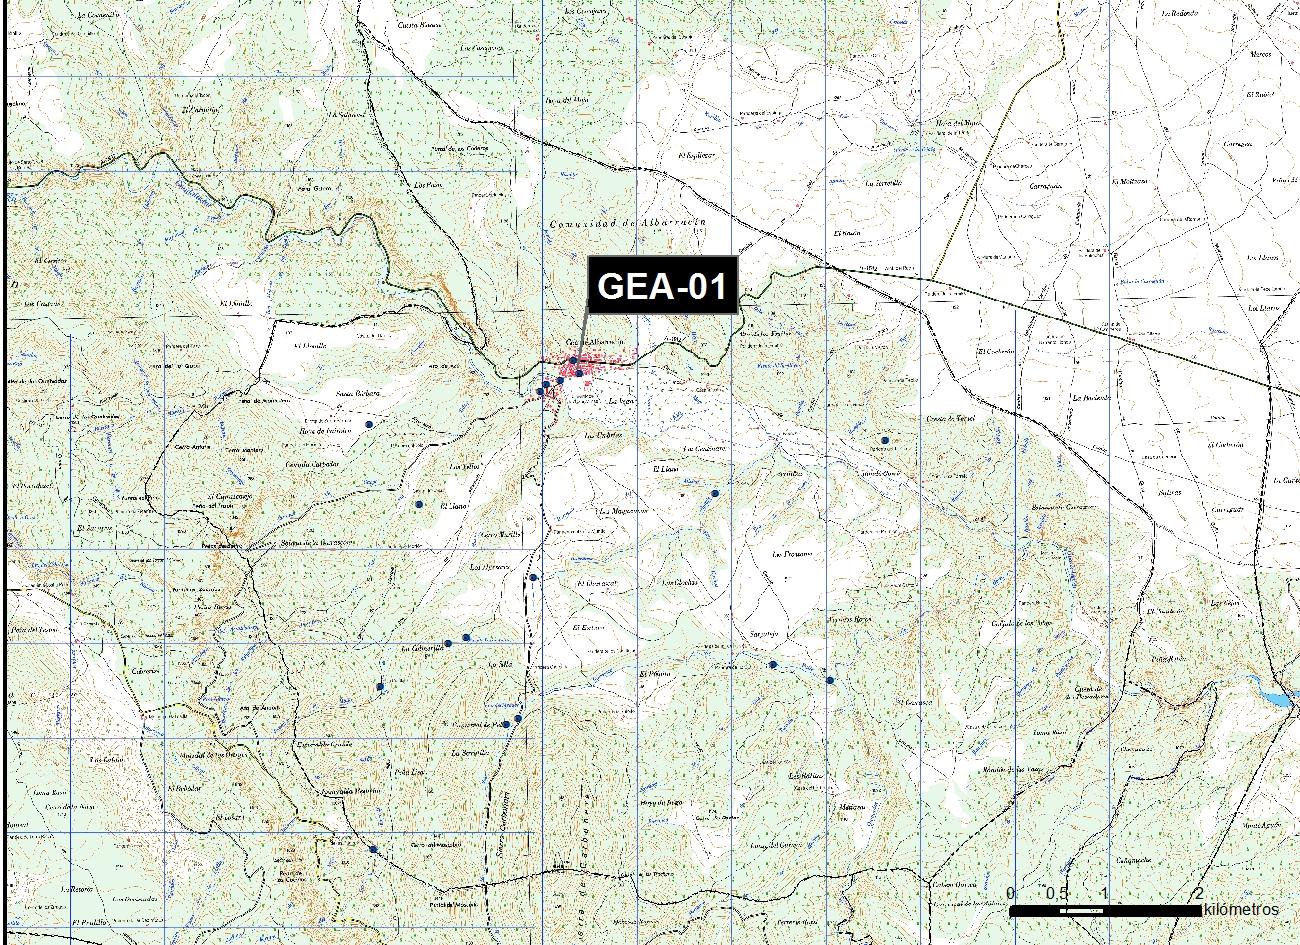 GEA_01_M.V.LOZANO_PLAZA SAN BERNARDO_MAP.TOPO 1